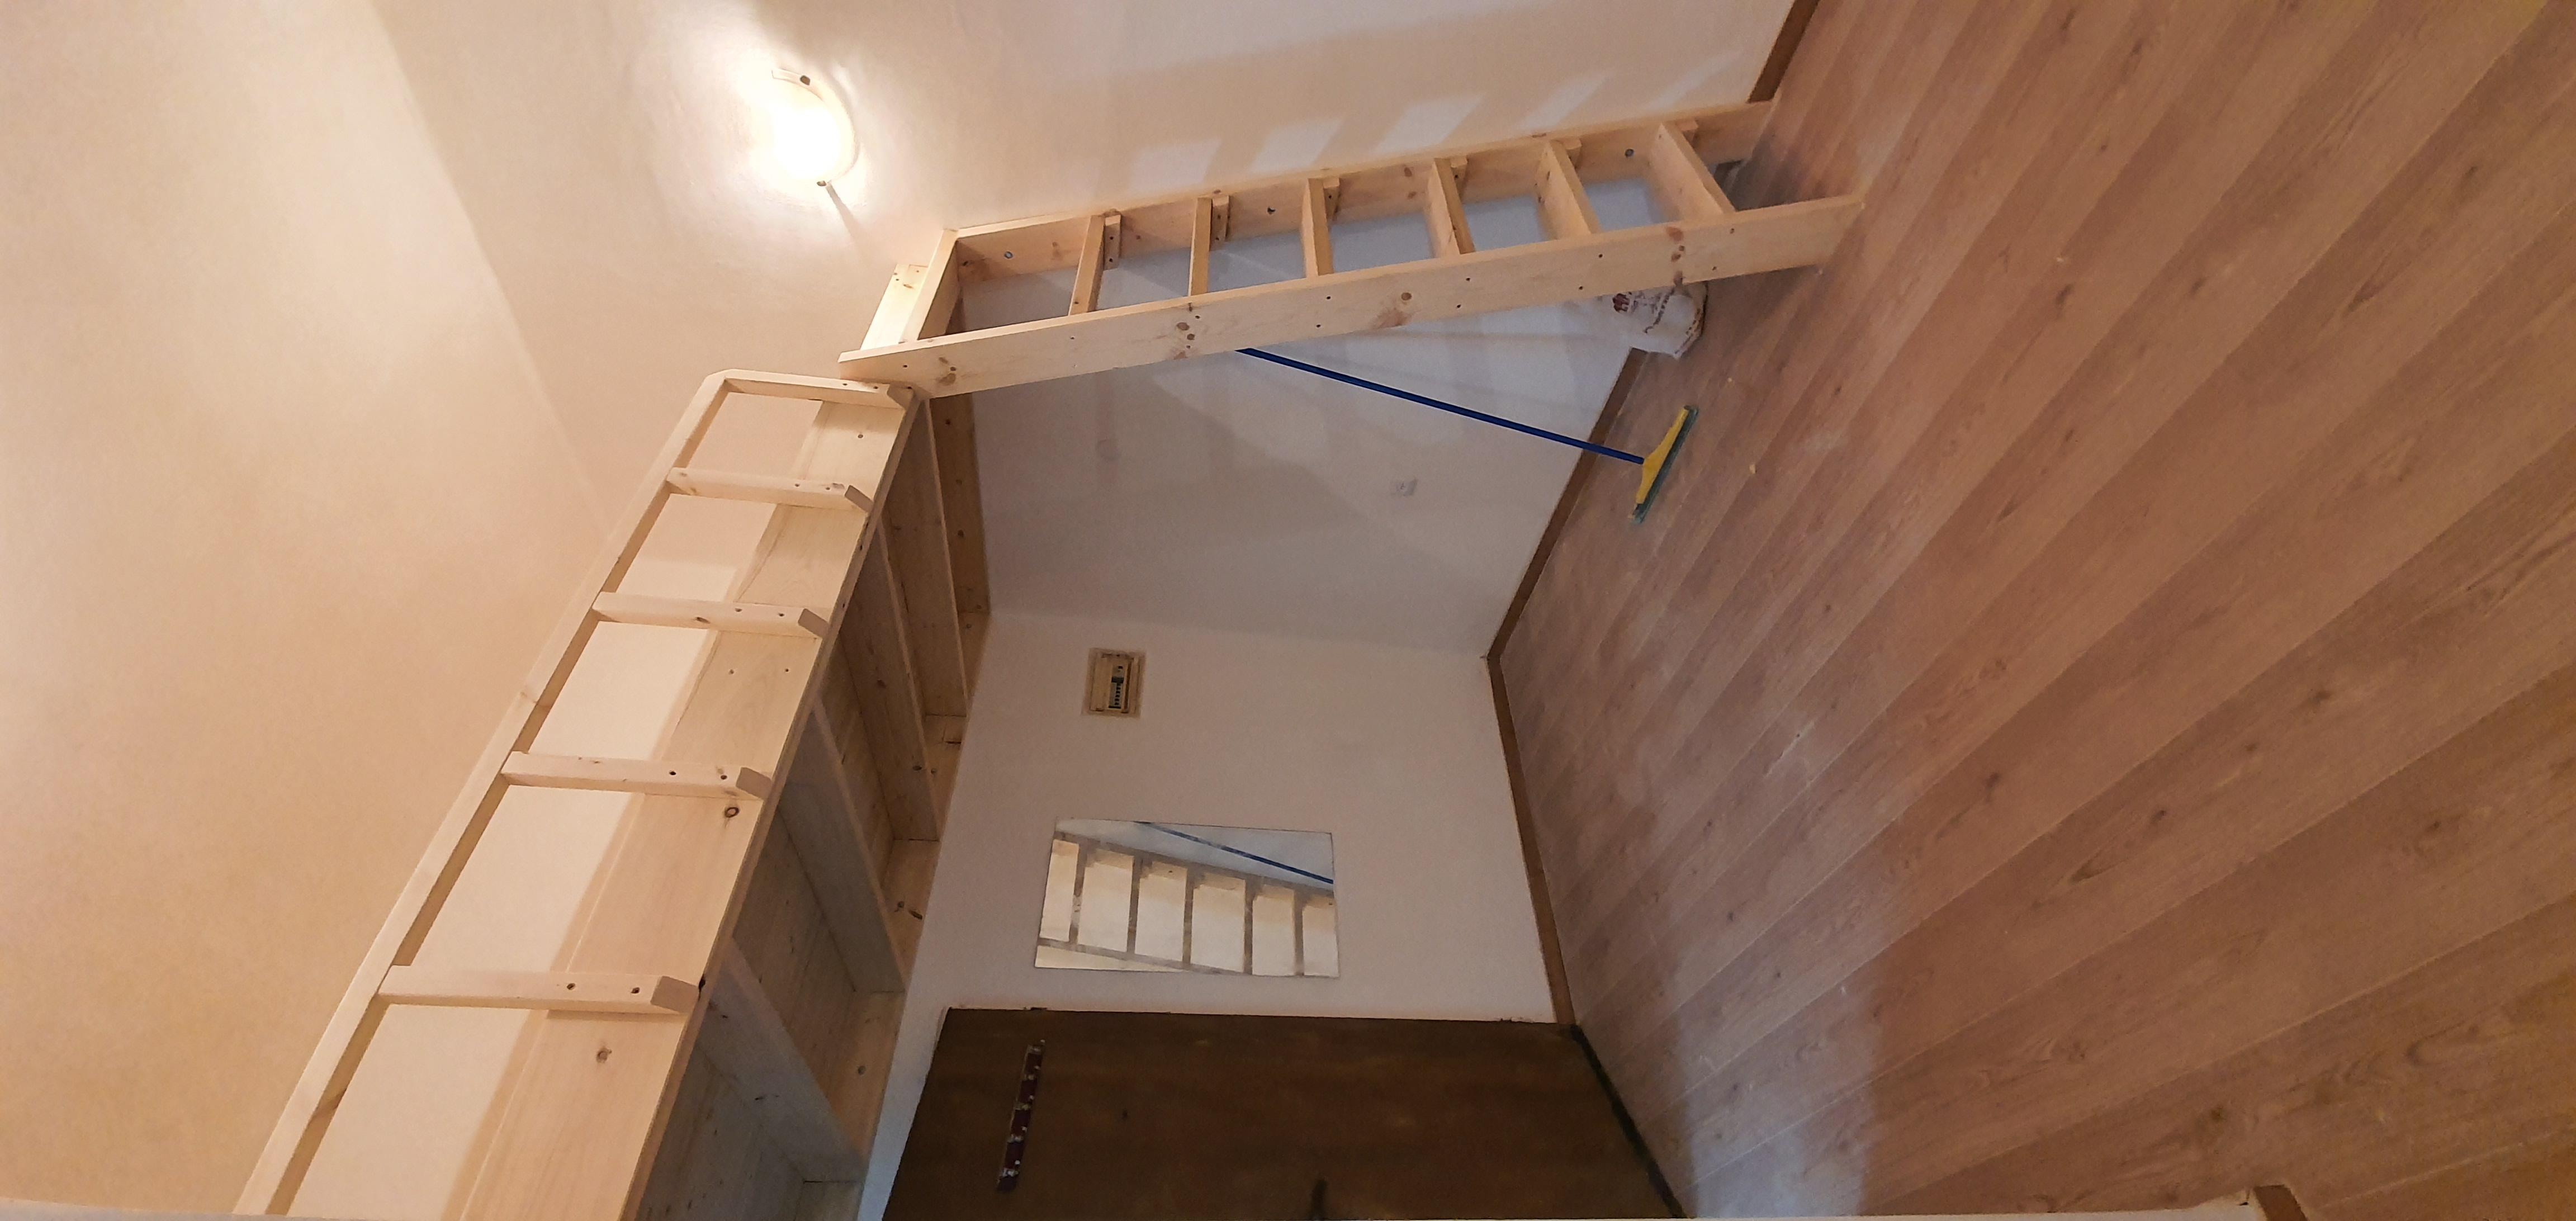 גלריית מיטה, חצי קומה